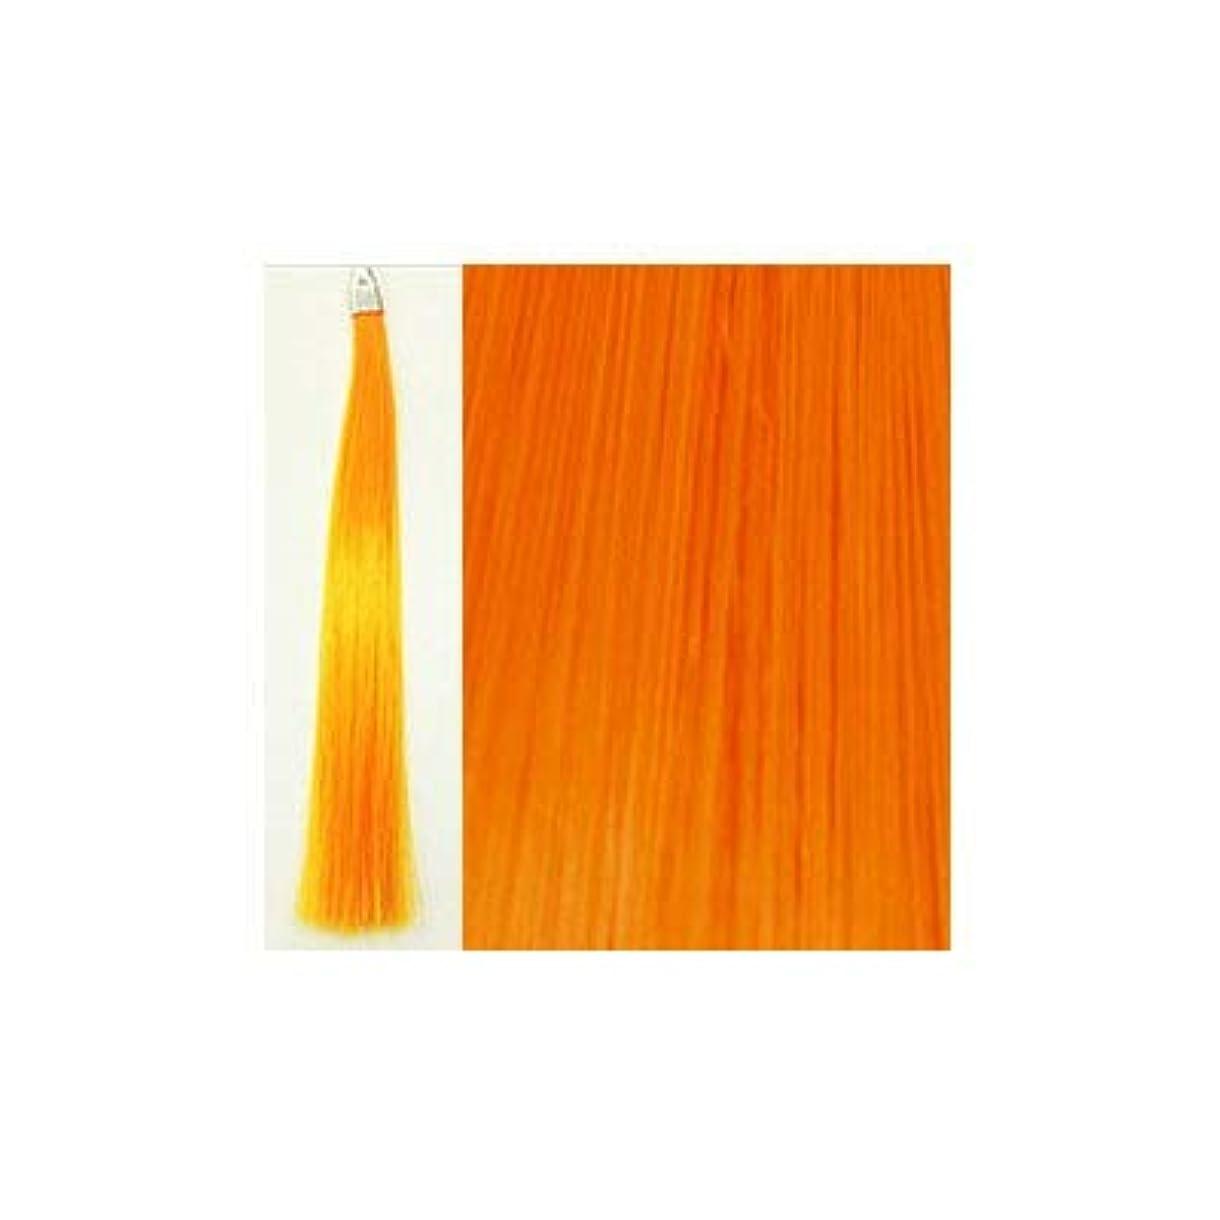 組み立てるアデレードわかるカミエク ヘアーエクステンション ライトオレンジ 4本毛